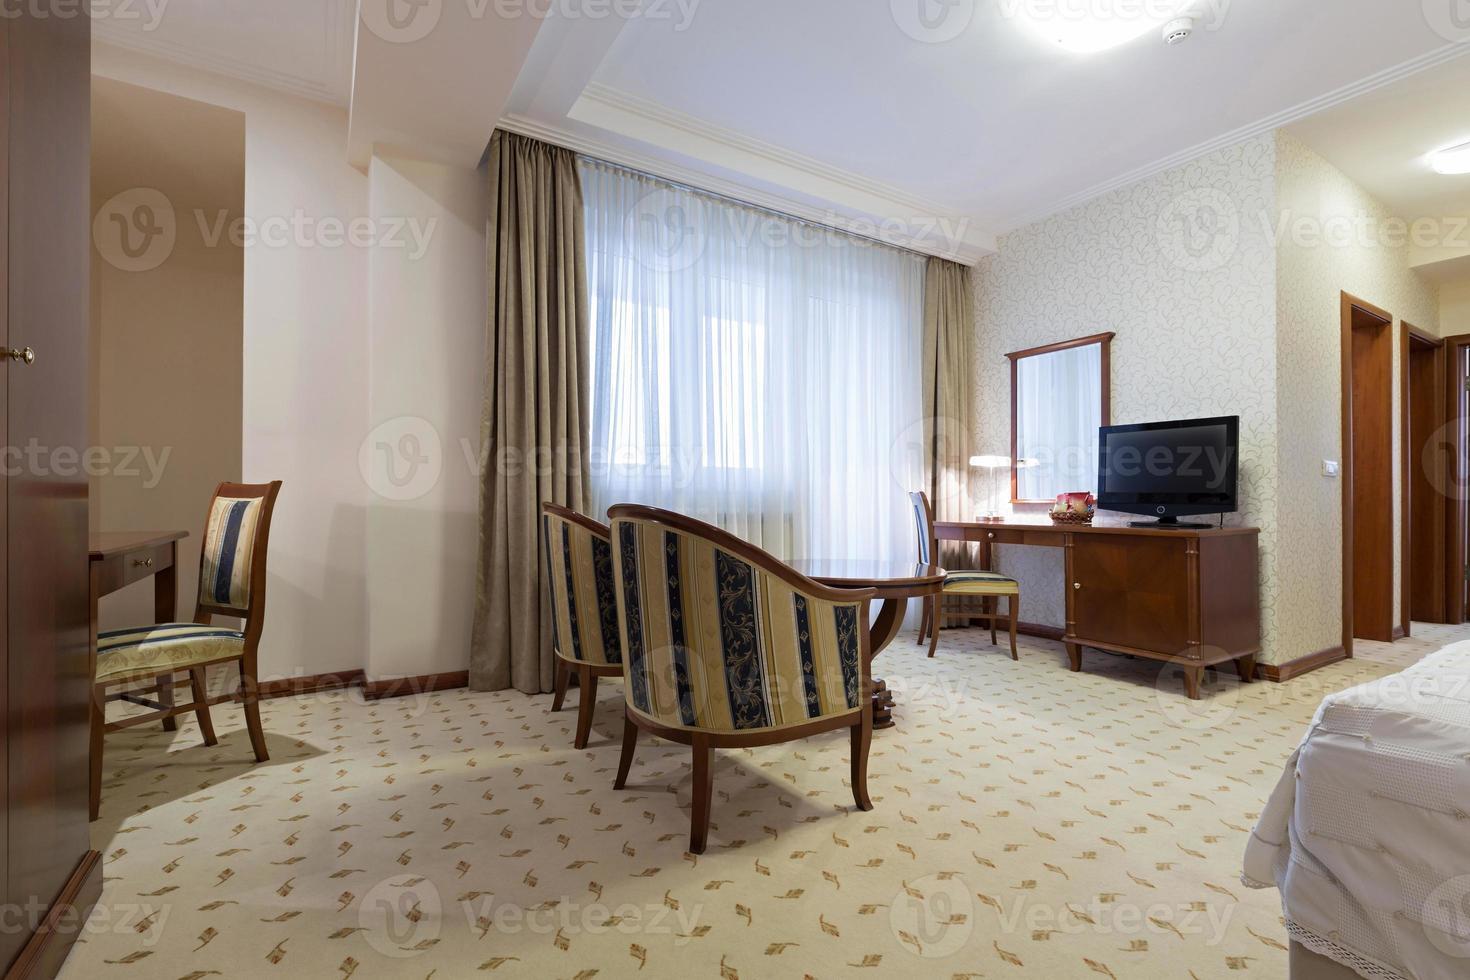 interior de un apartamento de hotel foto